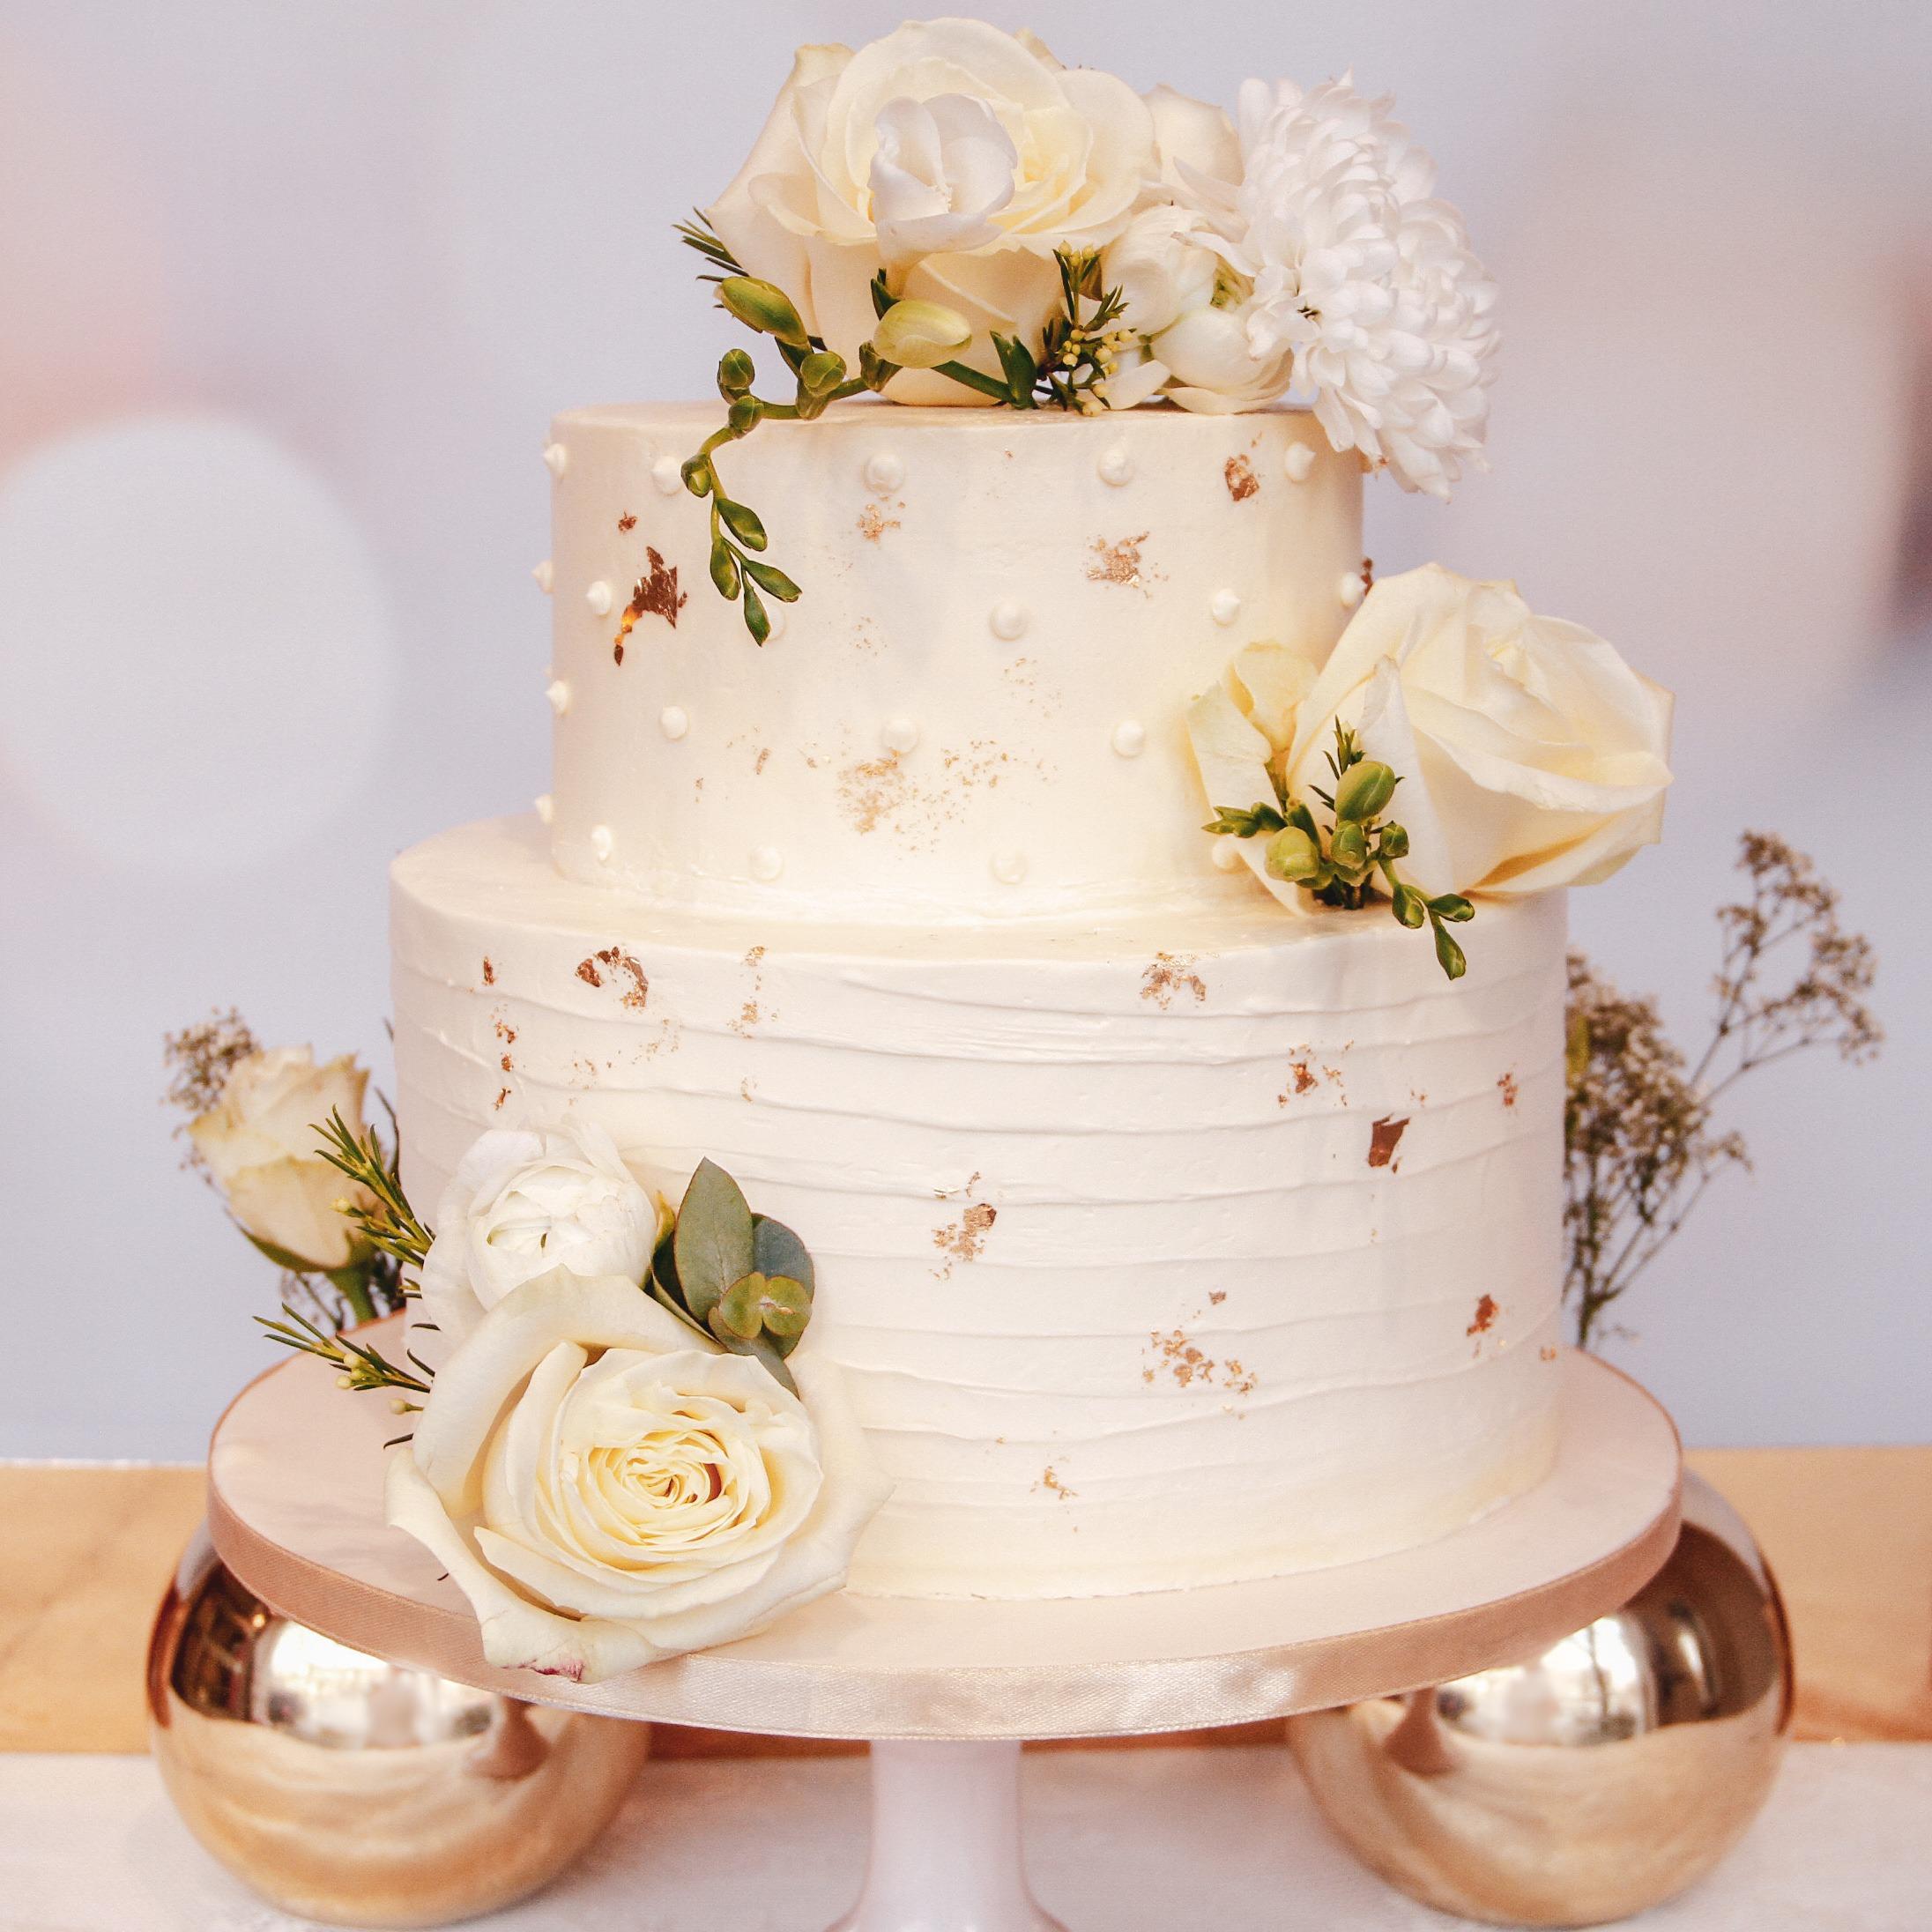 witte-botercrème-afgsemeerde-bruidstaart-met-witte-rozen-en-goud-blad